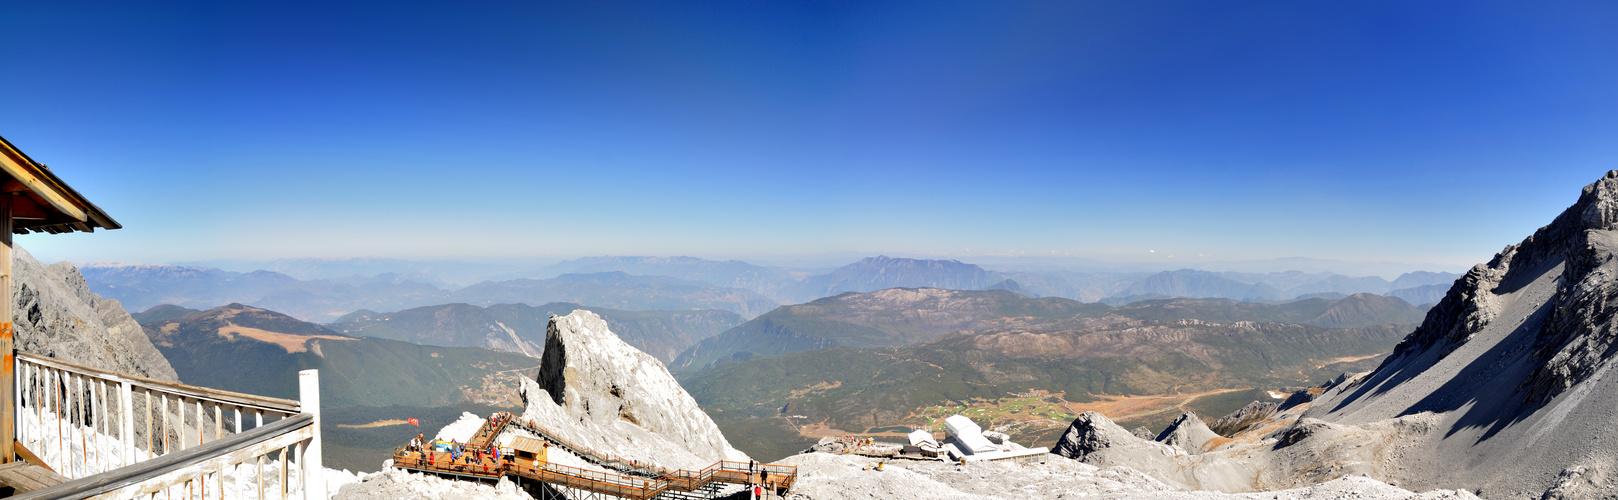 Panorama vom Yulongxueshan